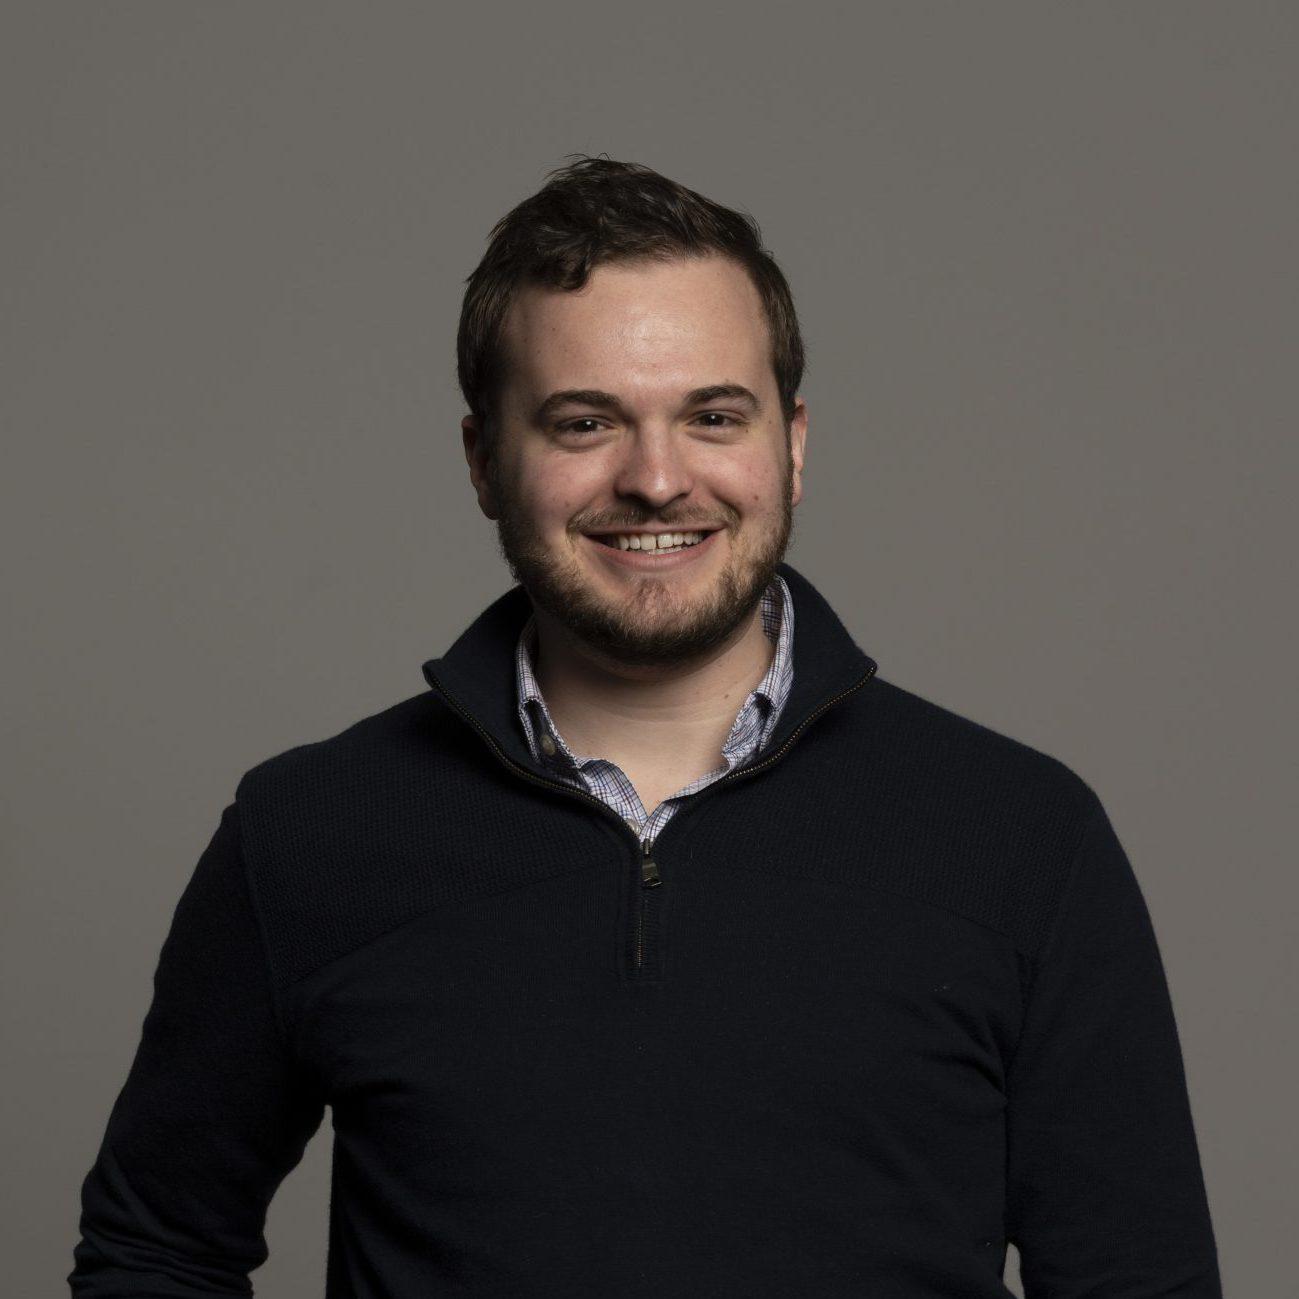 Zach Vasseur